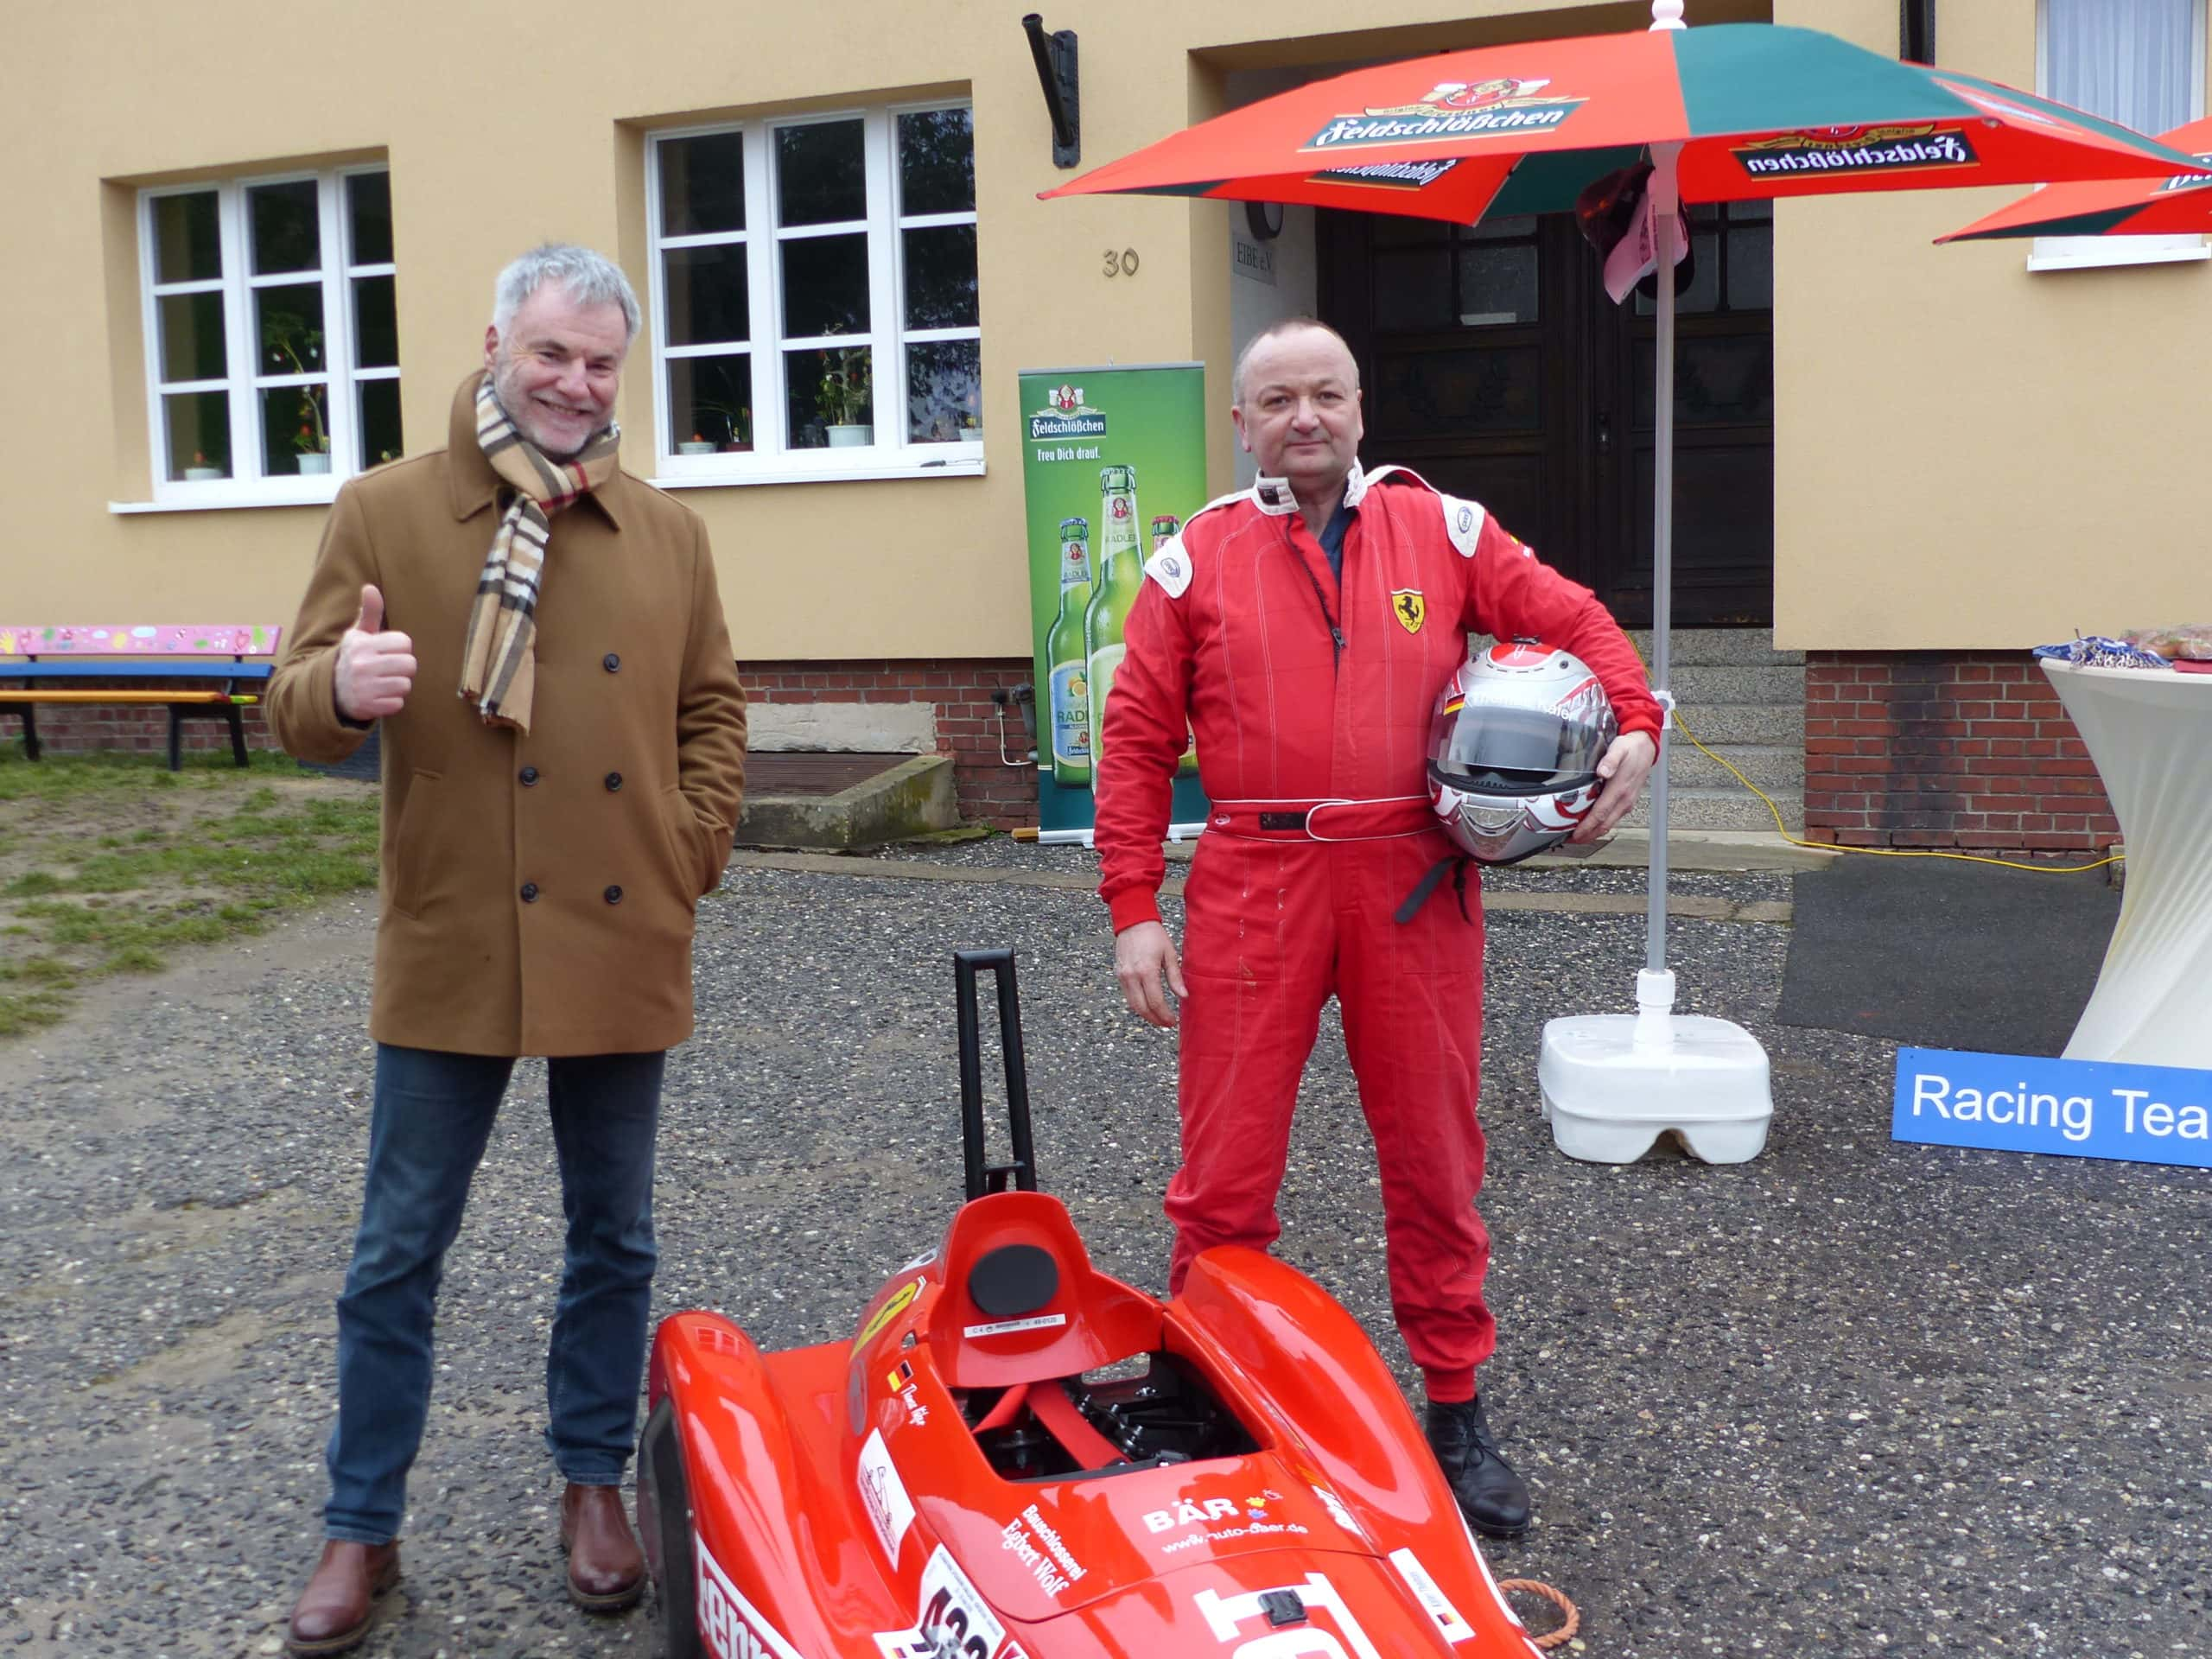 Freitals Oberbürgermeister Uwe Rumberg (li.) mit Organisator Thomas Käfer